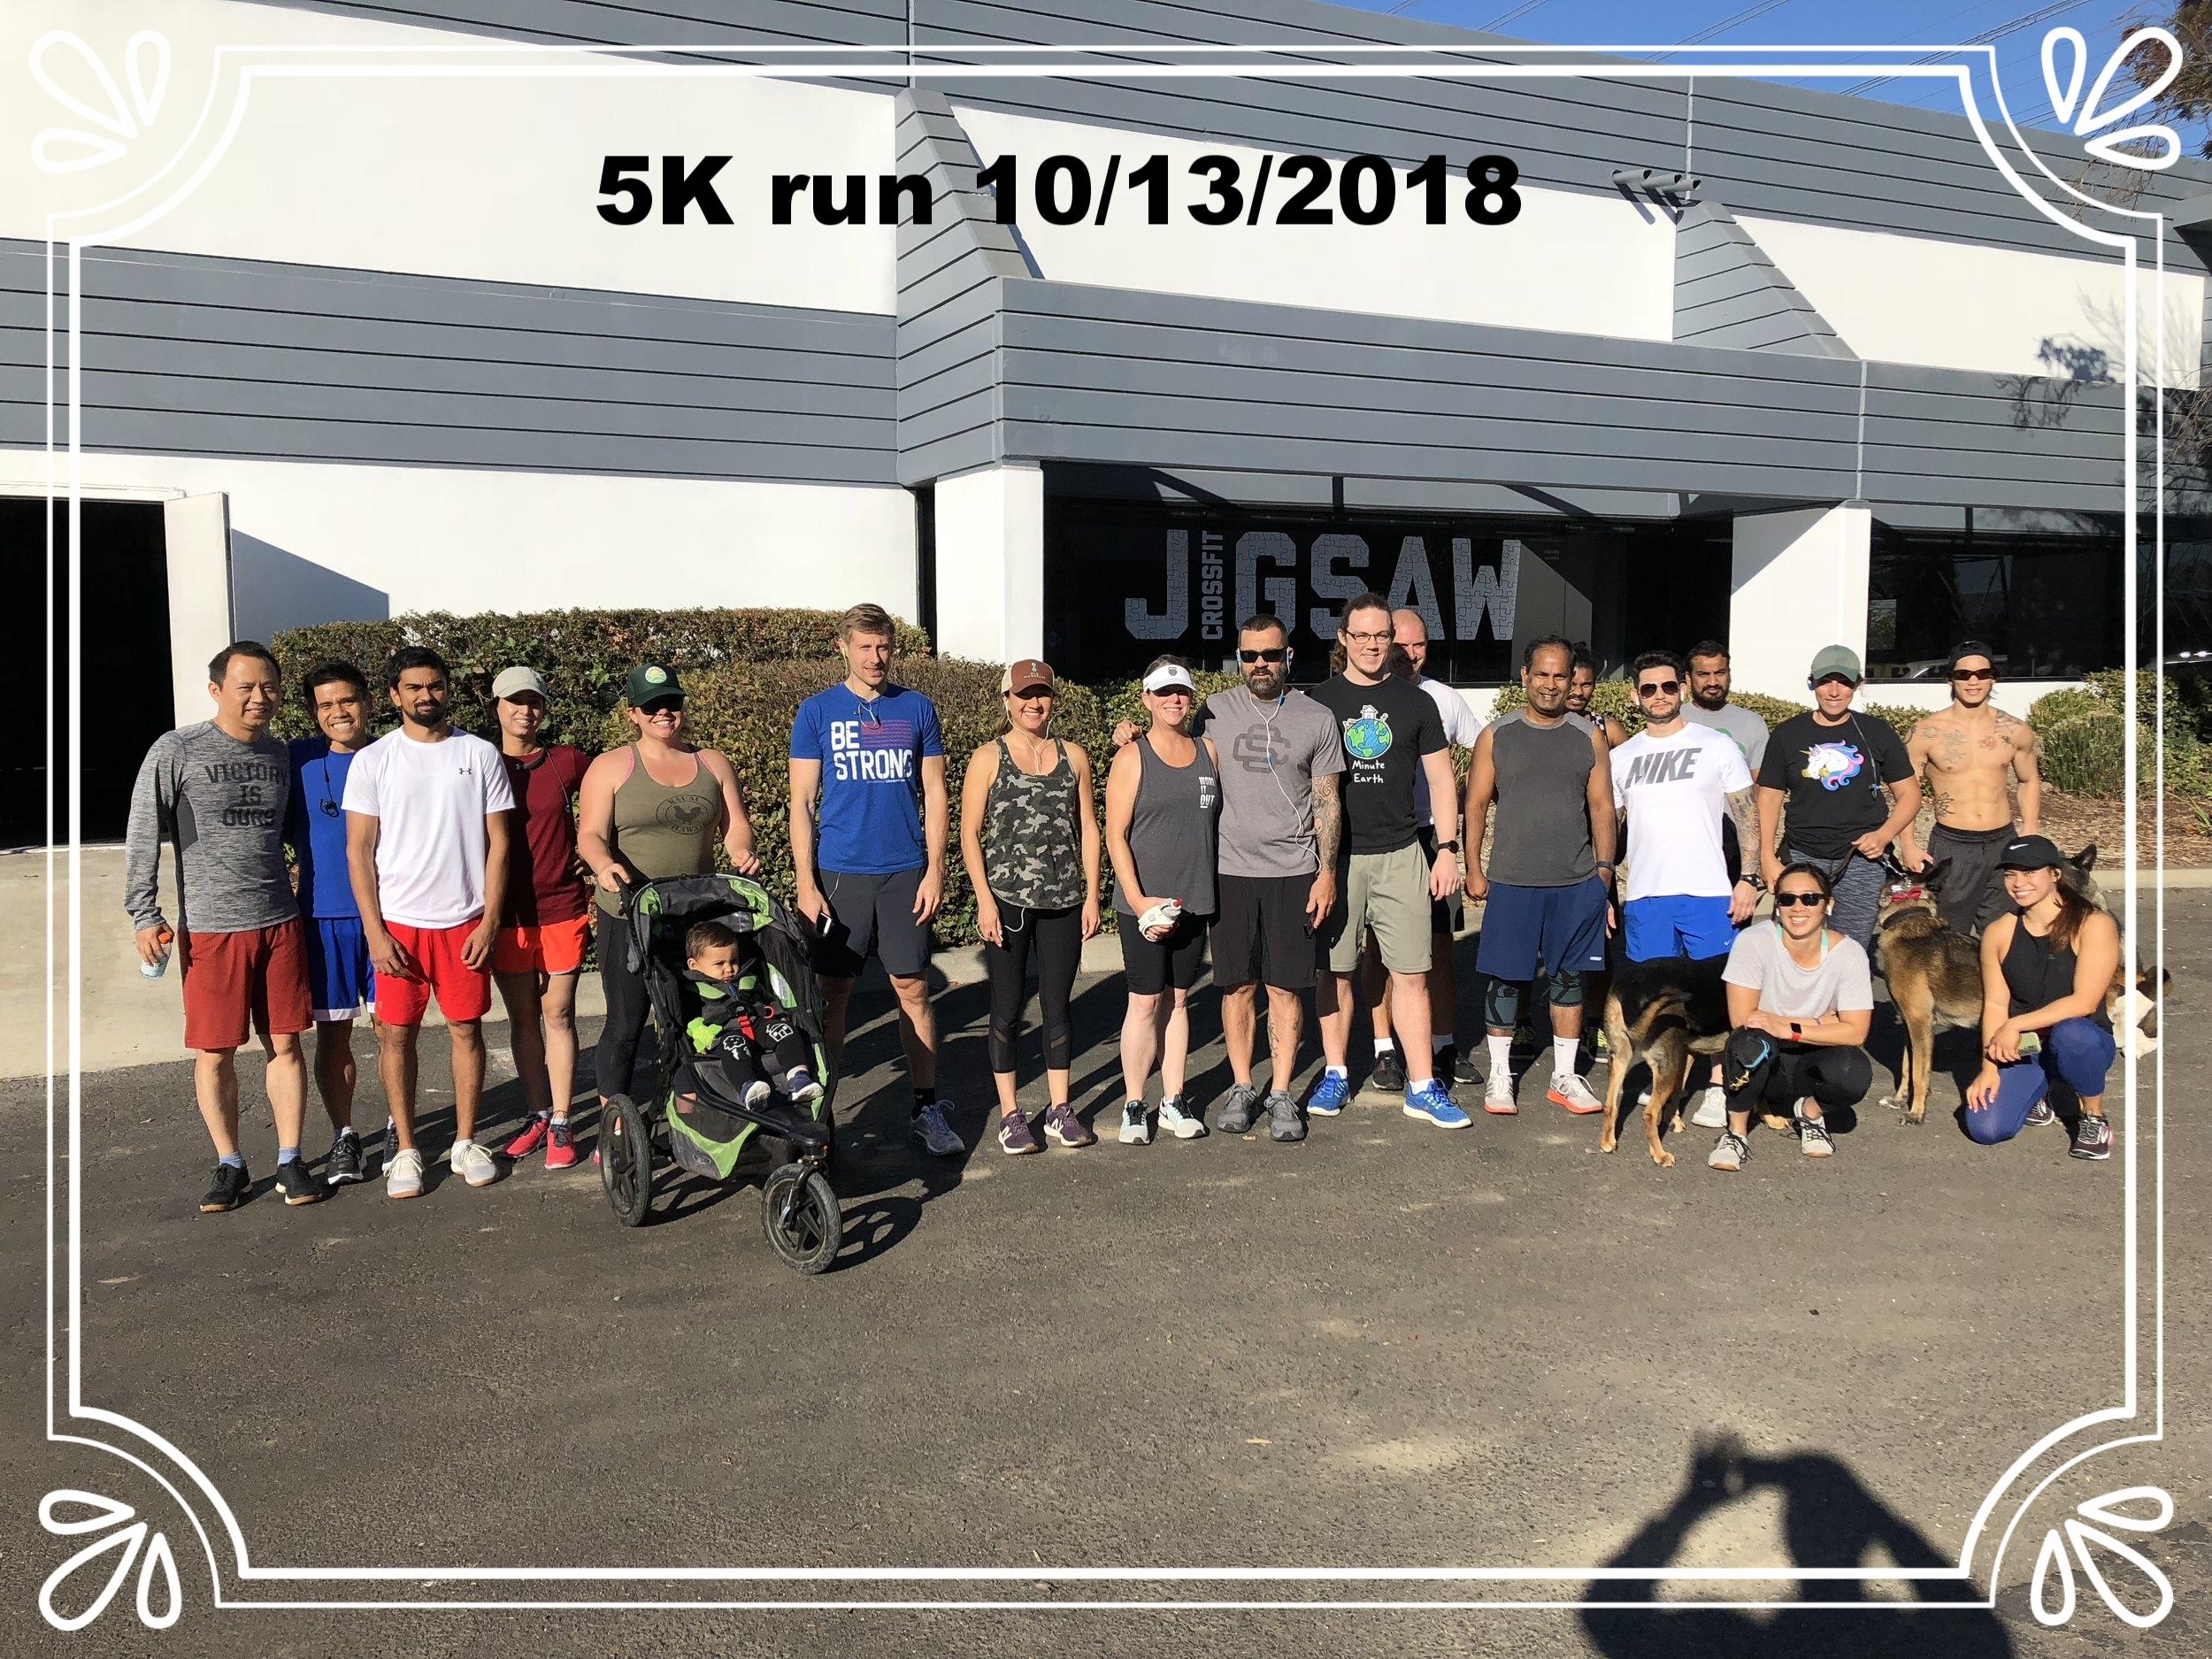 5k Run 10/13/2018